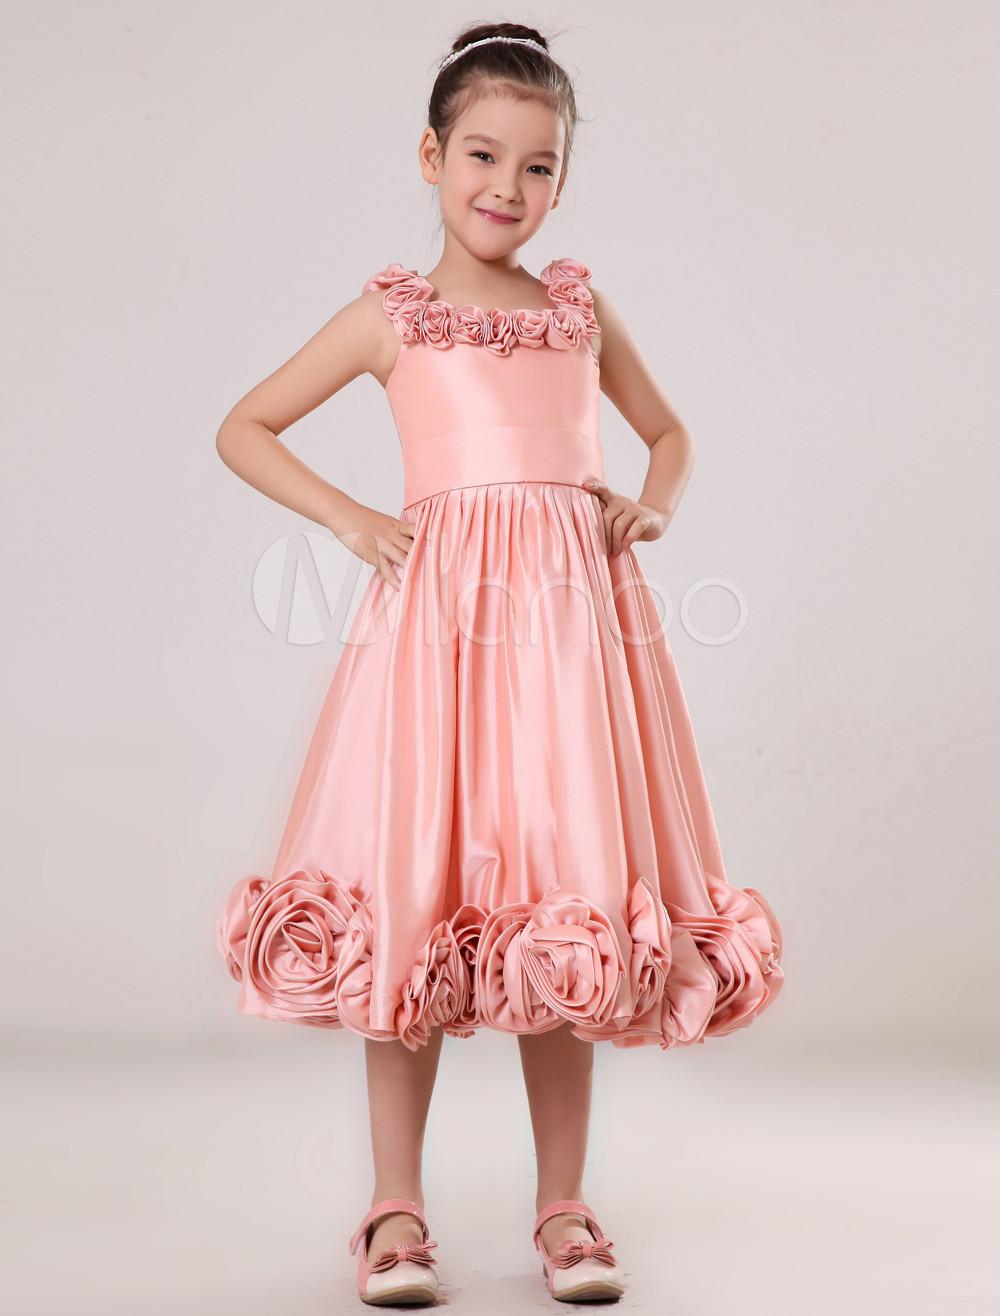 Multicolor Taffeta Pink Sash Flower Girl Dress (Wedding Flower Girl Dresses) photo